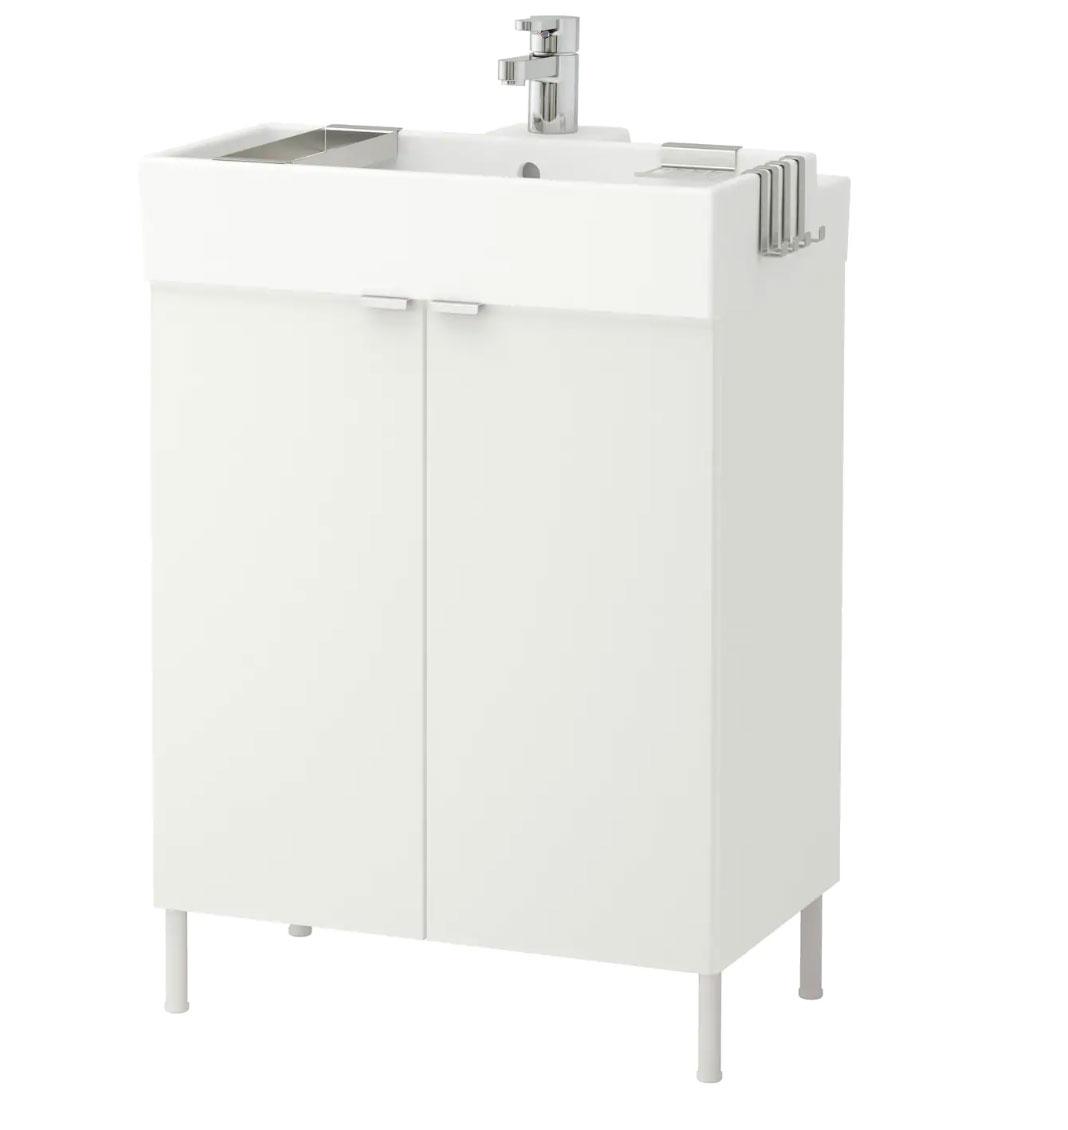 LILLÅNGEN Armario lavabo&2 pta, blanco, 62x27x88 cm